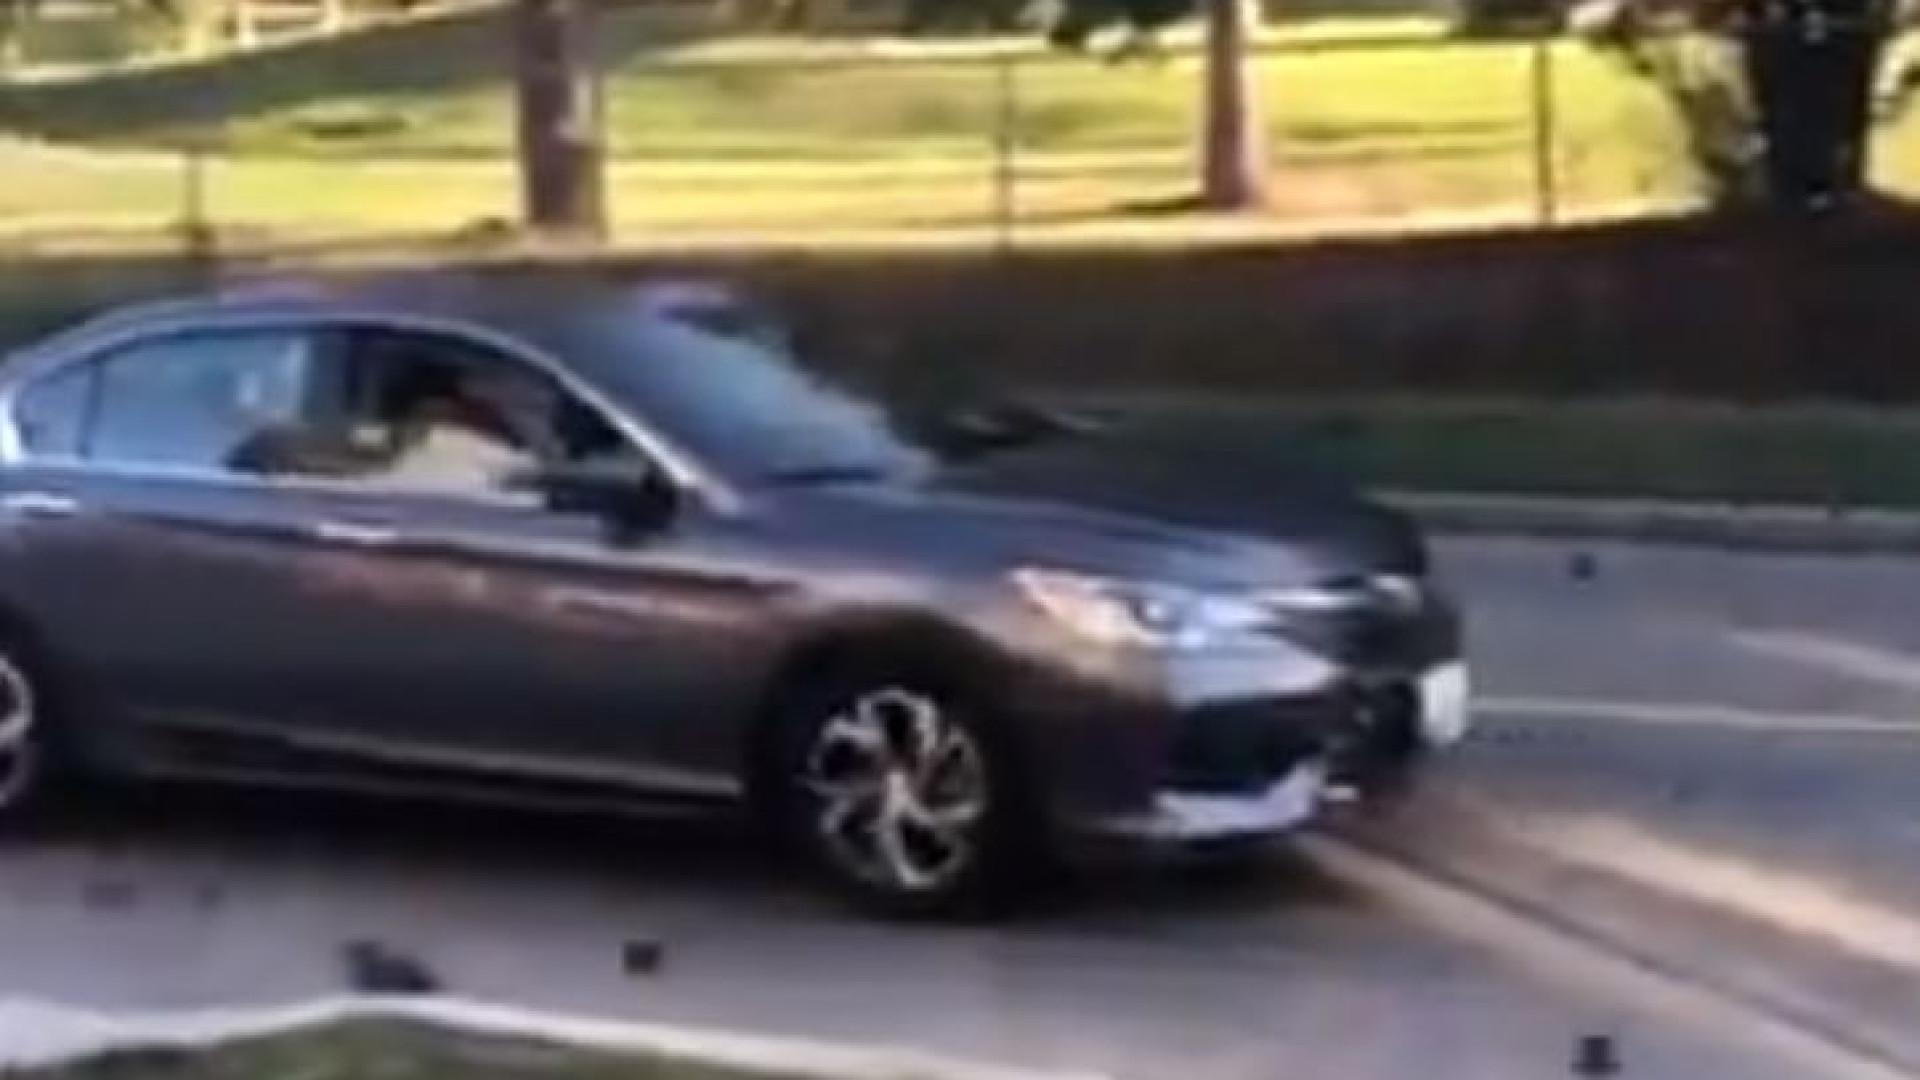 Bolas de metal caíram de camião e danificaram carros nos EUA